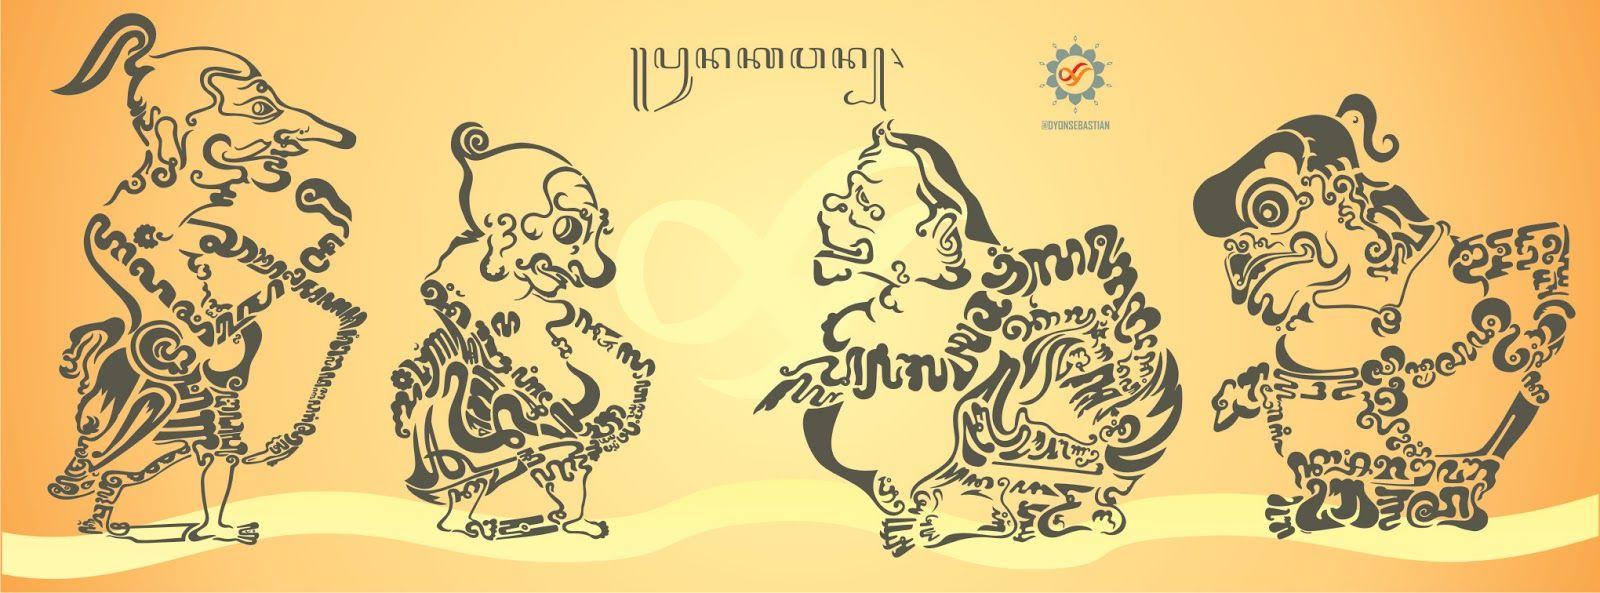 Vektor Kaligrafi Aksara Jawa Wayang Punakawan Gambar